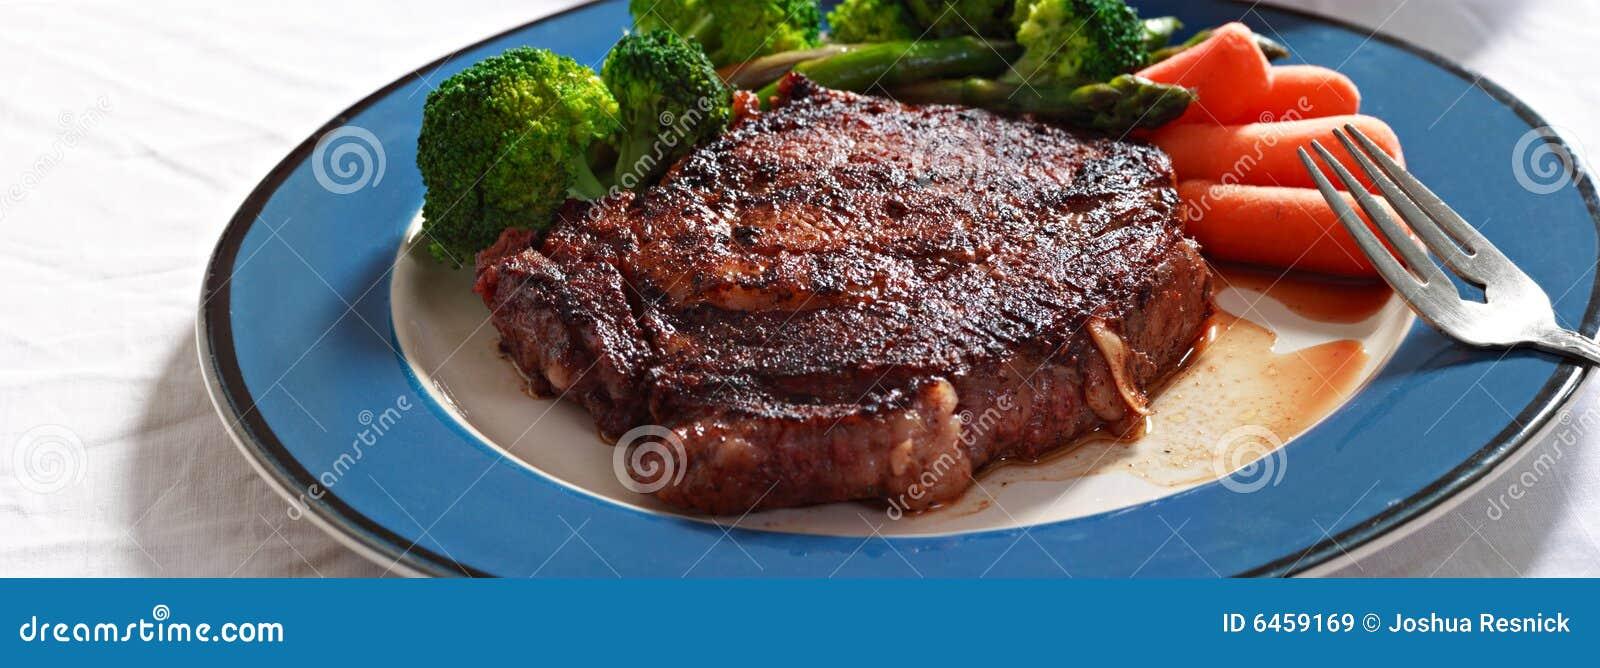 Steakveggies